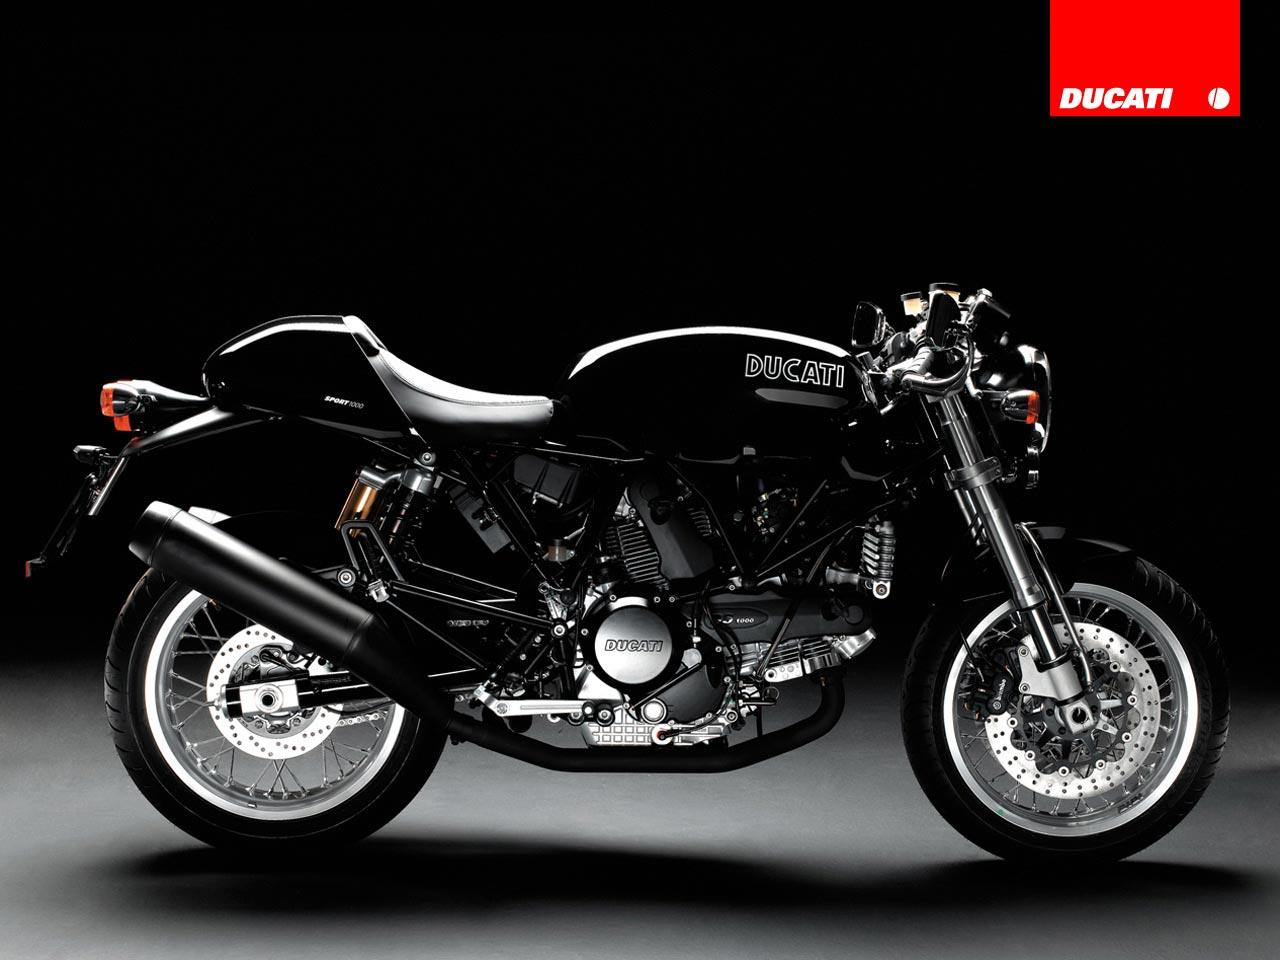 2008 Ducati SportClassic 1000 Biposta